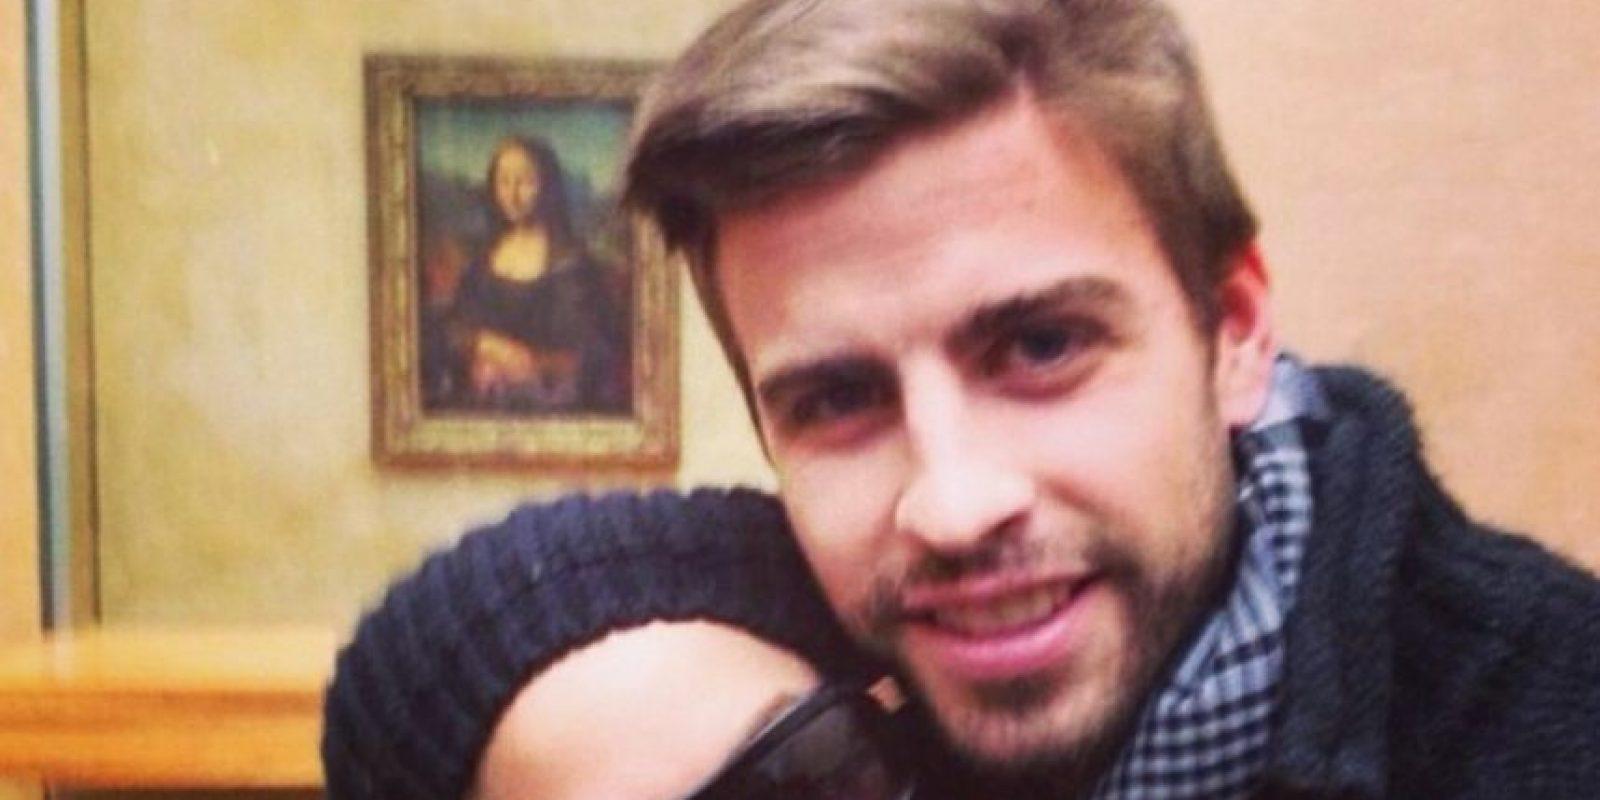 El segundo hijo de Shakira y Piqué tiene el carnet 155 mil 629 Foto:Instagram: @3gerardpique